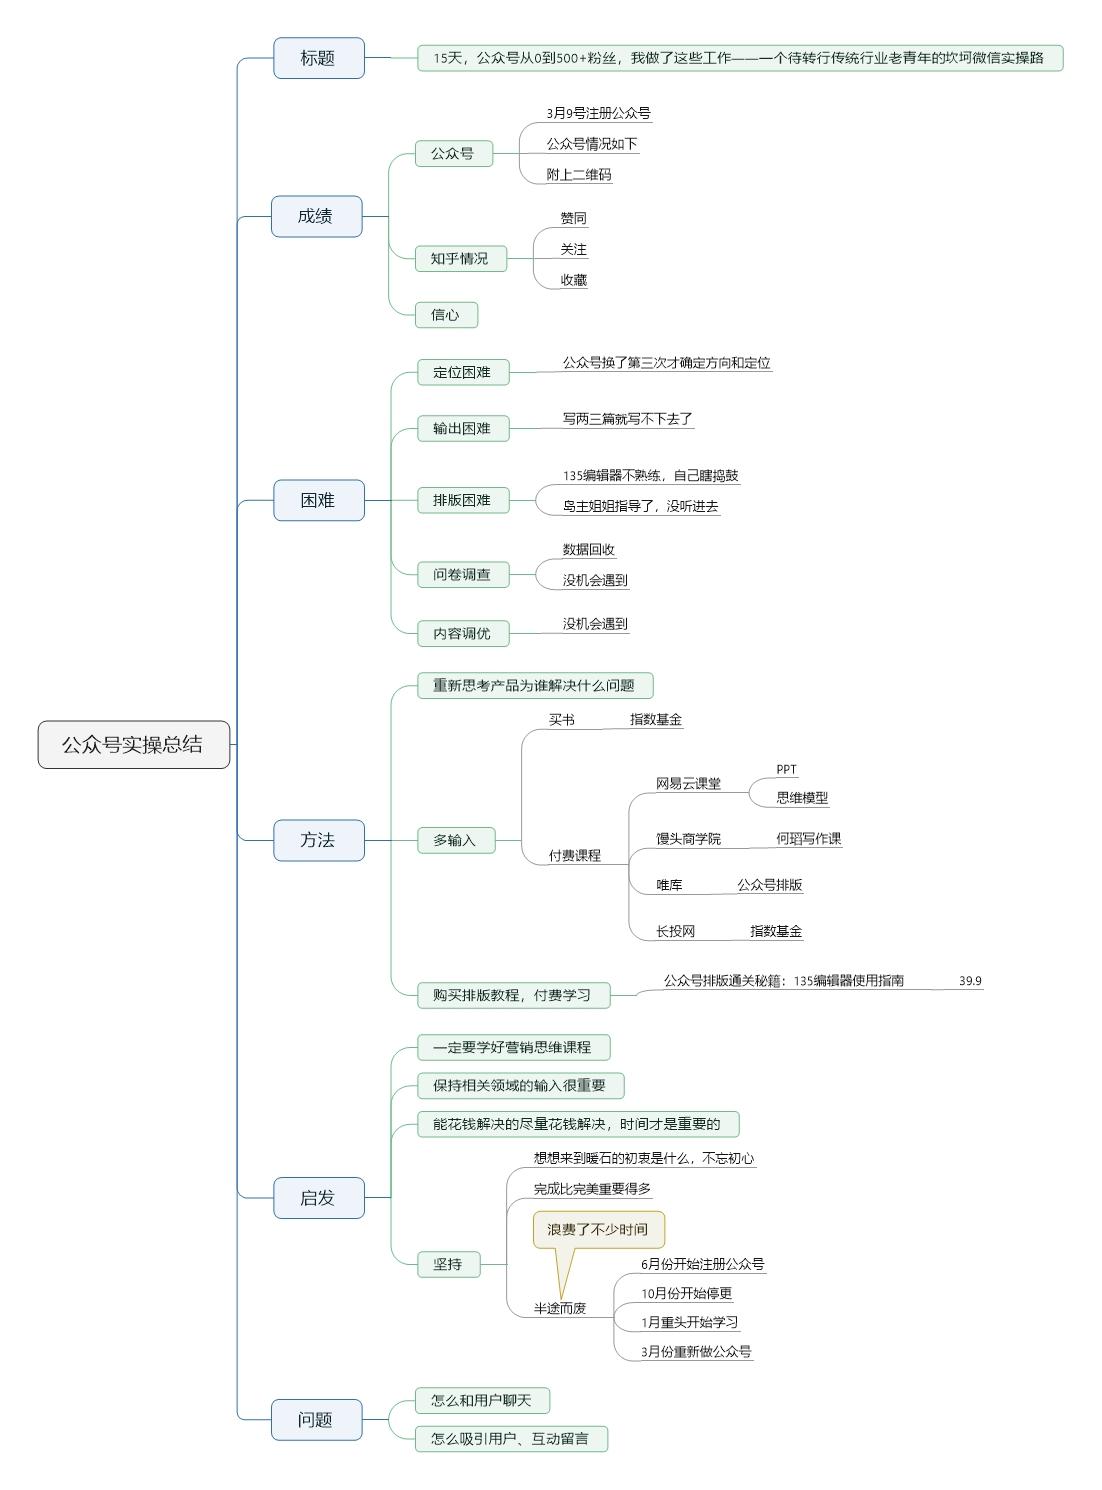 公众号实操总结 (2).jpeg